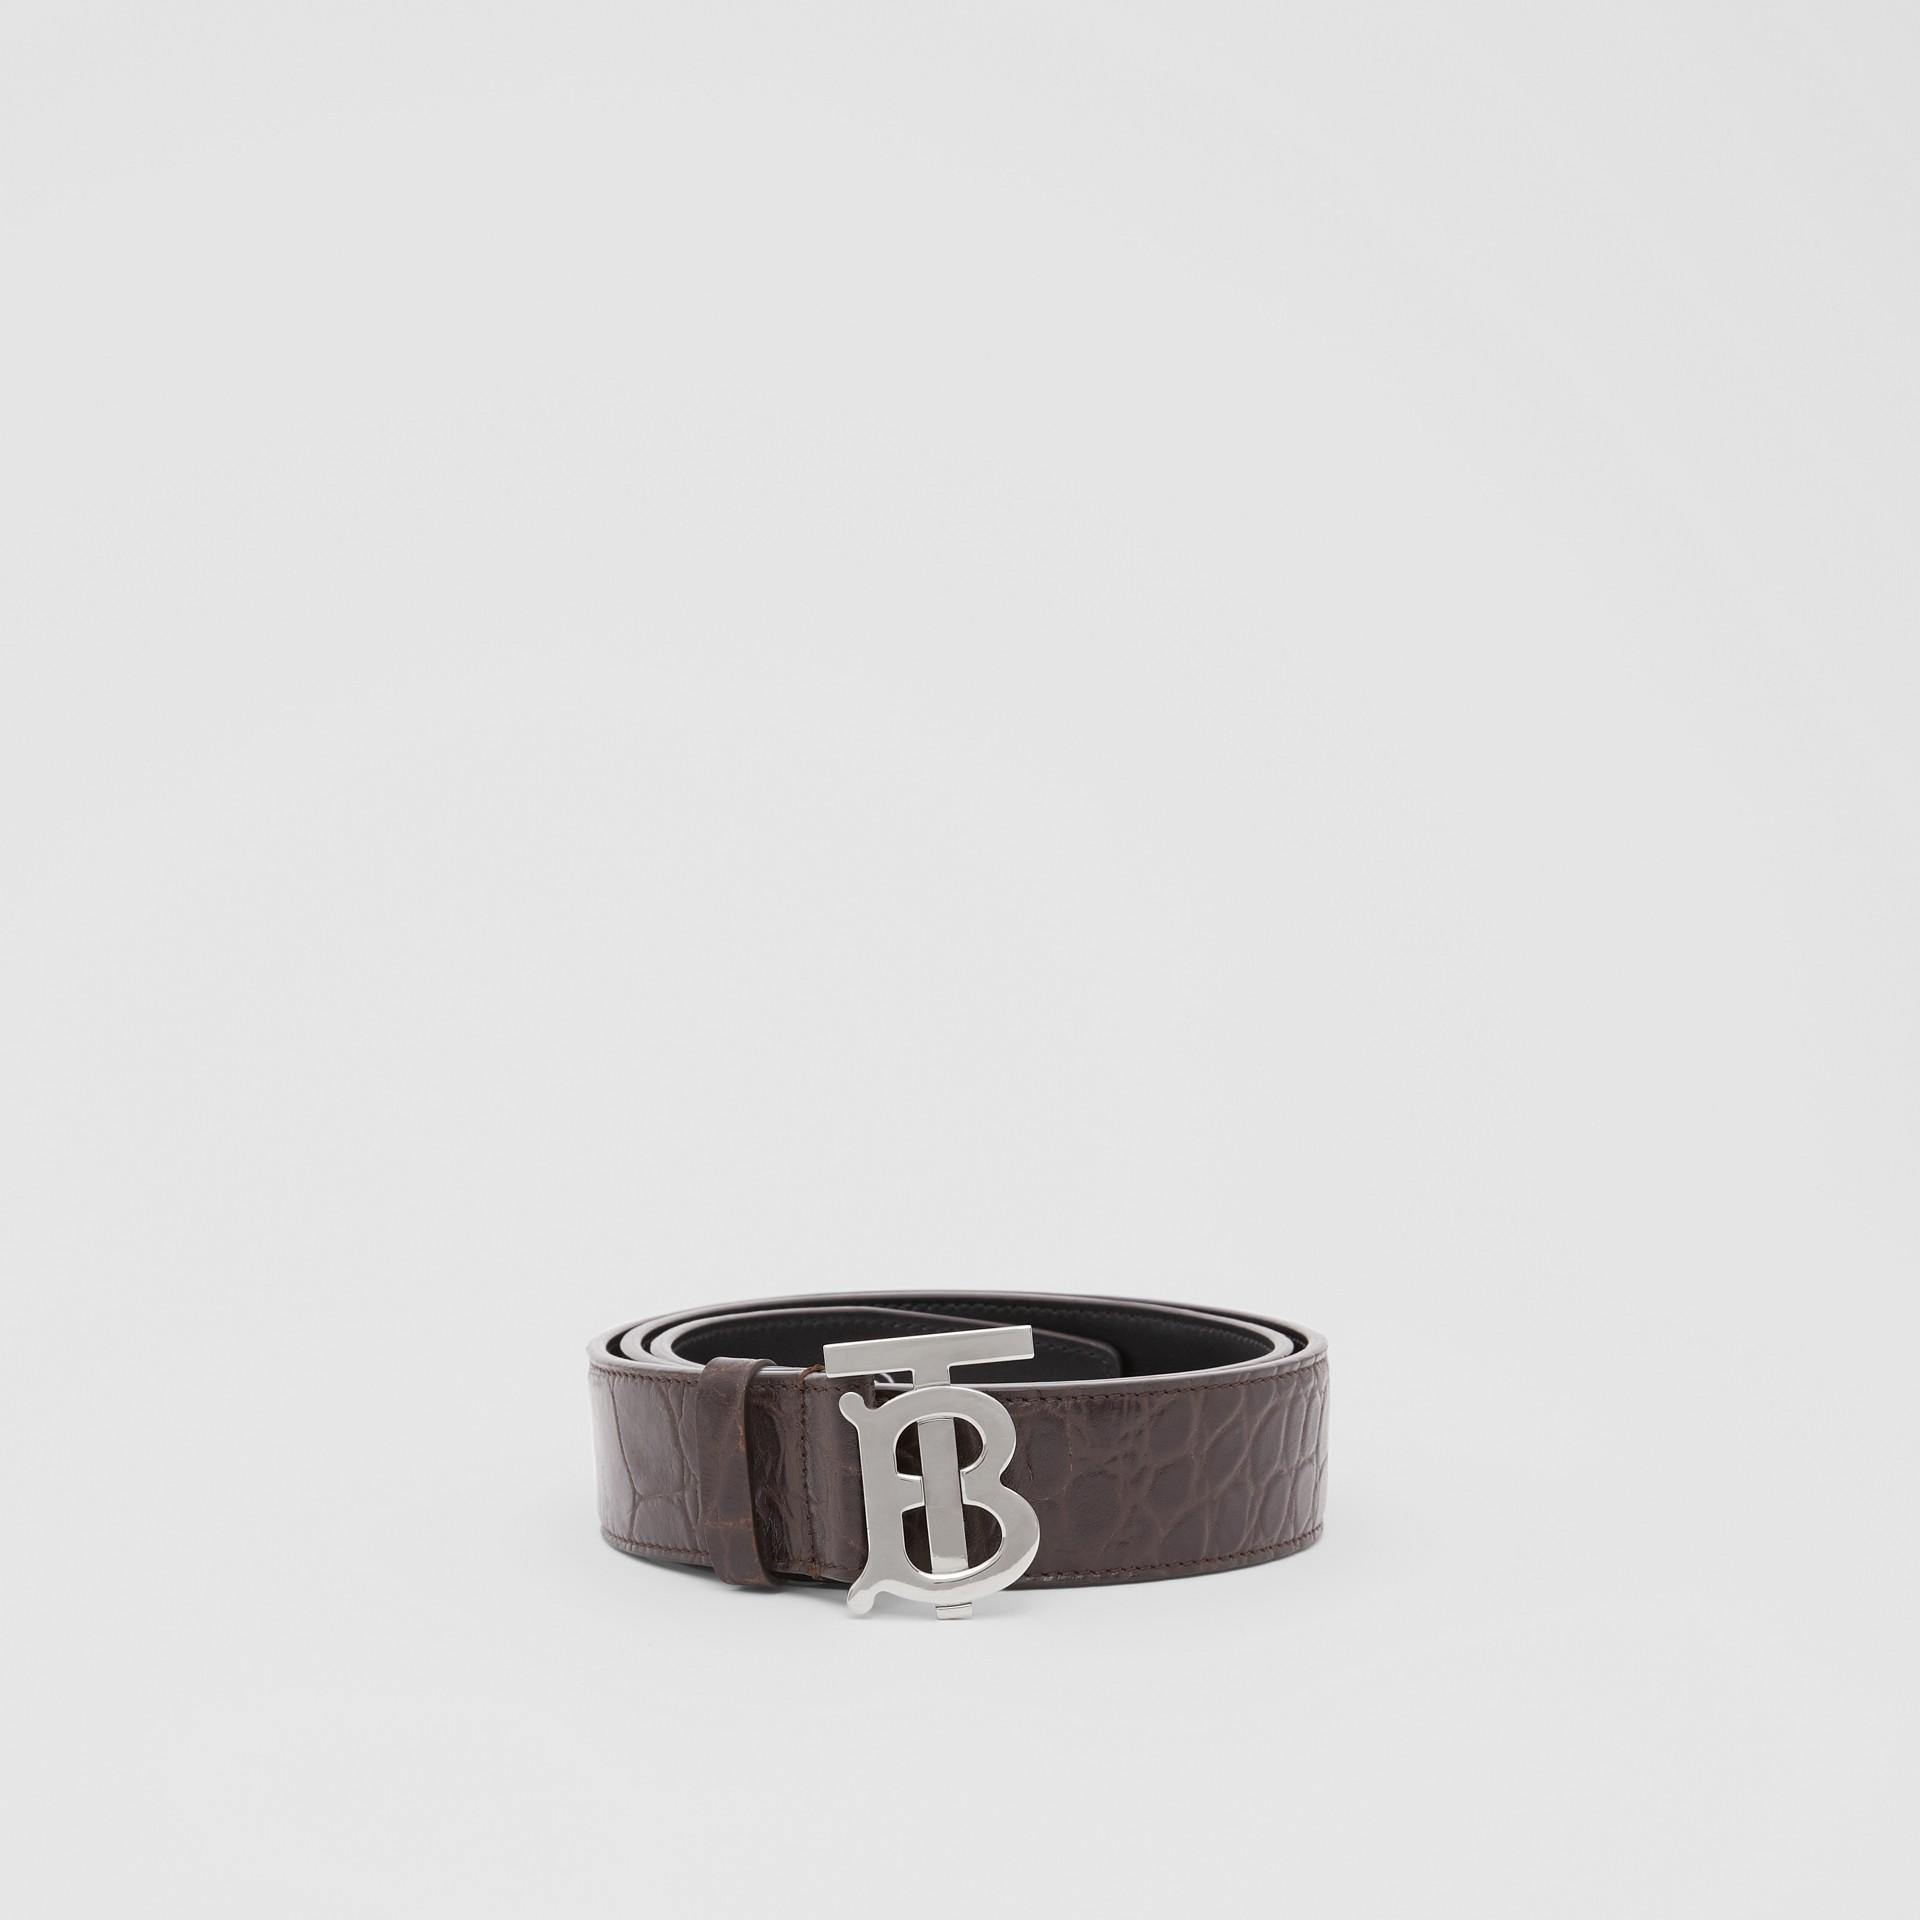 Monogram Motif Embossed Leather Belt in Brown - Men | Burberry United Kingdom - gallery image 3